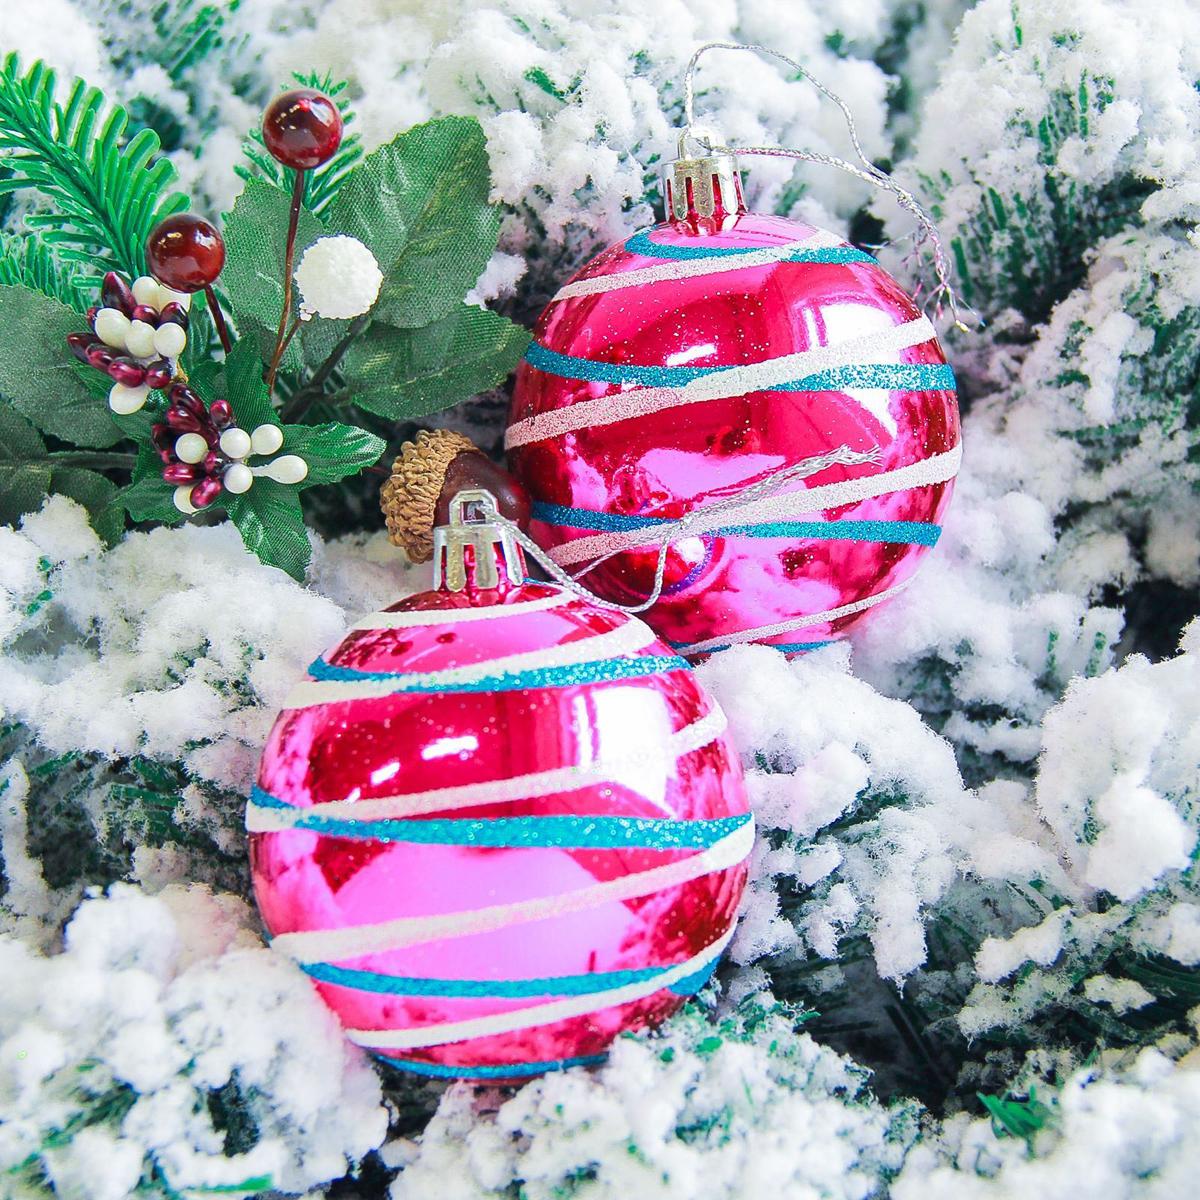 Набор новогодних подвесных украшений Sima-land Орион, цвет: малиновый, диаметр 7 см, 6 шт2178199Набор новогодних подвесных украшений Sima-land отлично подойдет для декорации вашего дома и новогодней ели. С помощью специальной петельки украшение можно повесить в любом понравившемся вам месте. Но, конечно, удачнее всего оно будет смотреться на праздничной елке. Елочная игрушка - символ Нового года. Она несет в себе волшебство и красоту праздника. Создайте в своем доме атмосферу веселья и радости, украшая новогоднюю елку нарядными игрушками, которые будут из года в год накапливать теплоту воспоминаний.